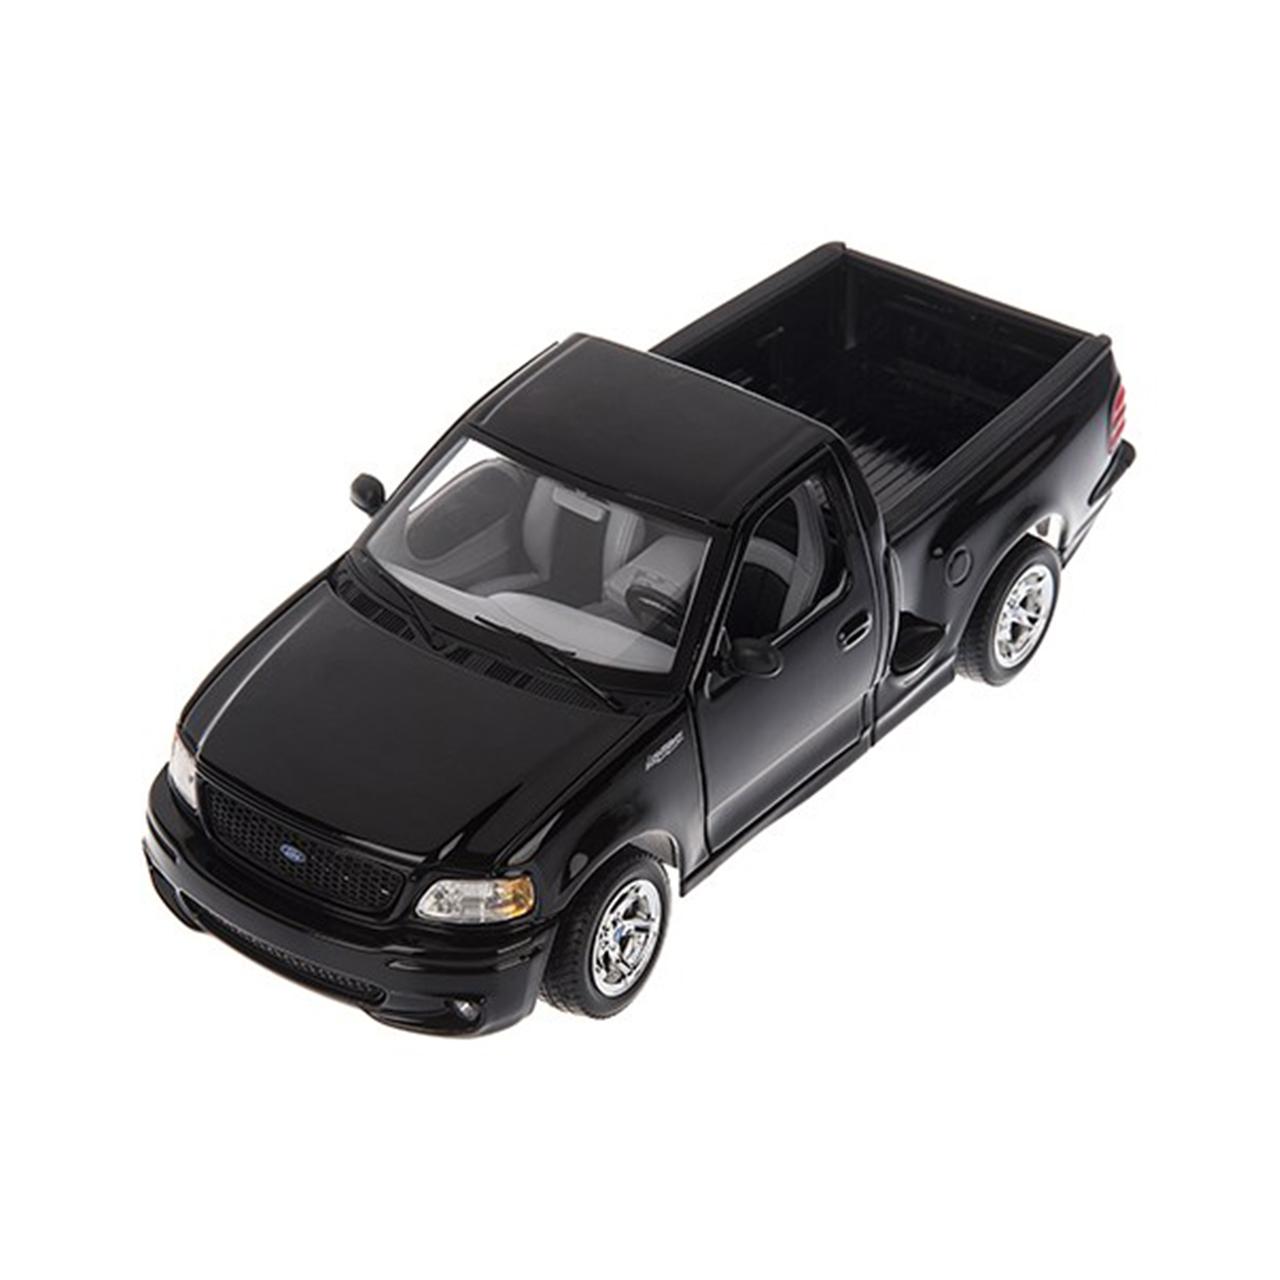 ماشین بازی مایستو مدل Ford SVT F 150 Lightning